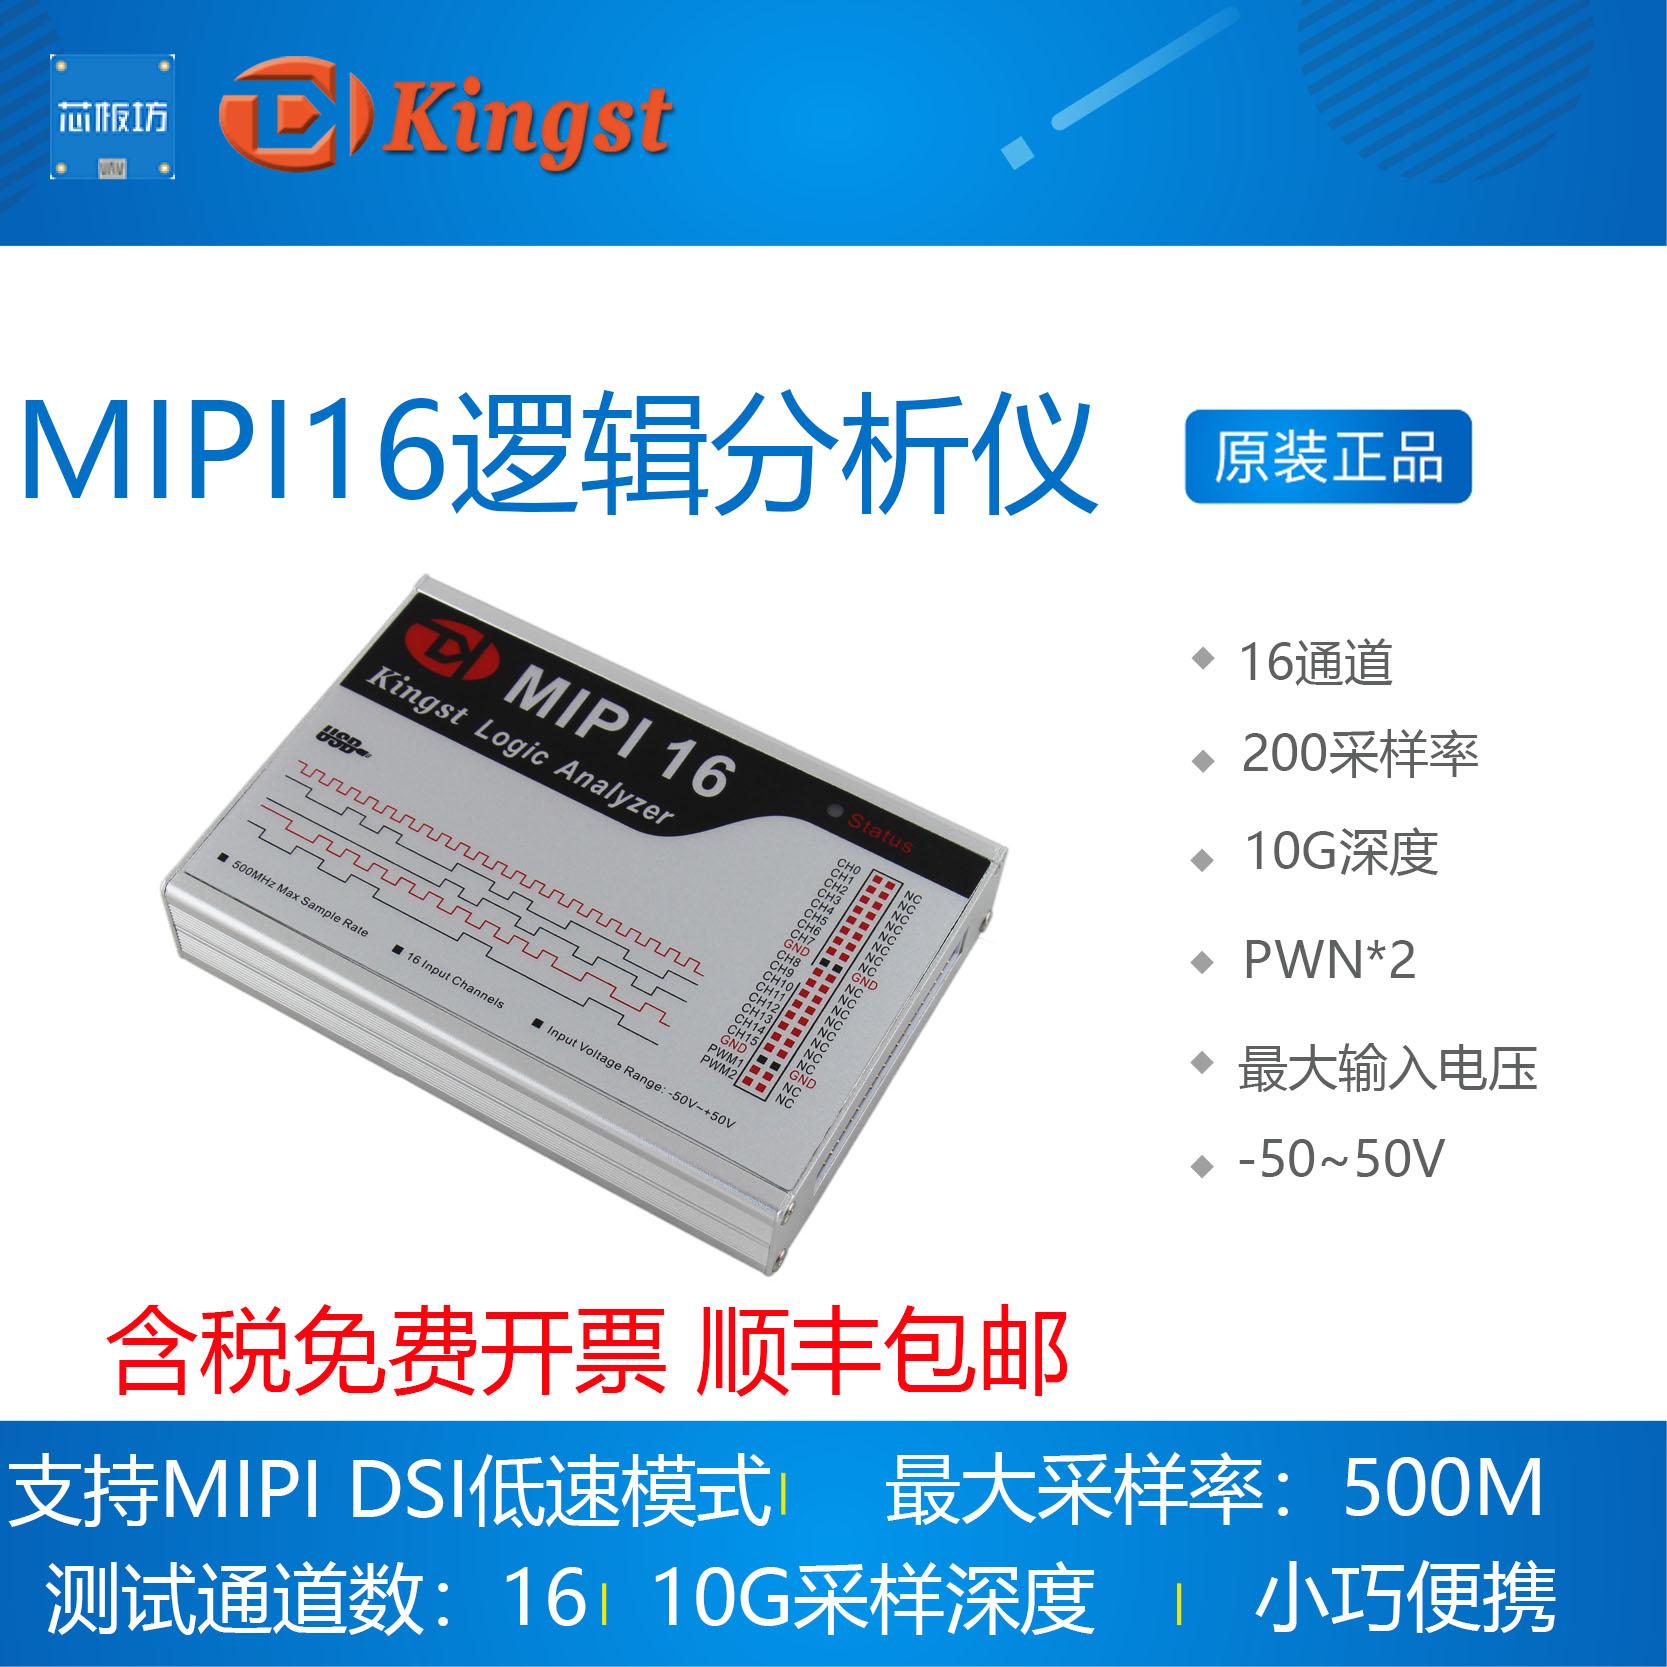 Kingst MIPI分析仪 16路 500M采样率 逻辑分析仪 支持MIPI DSI